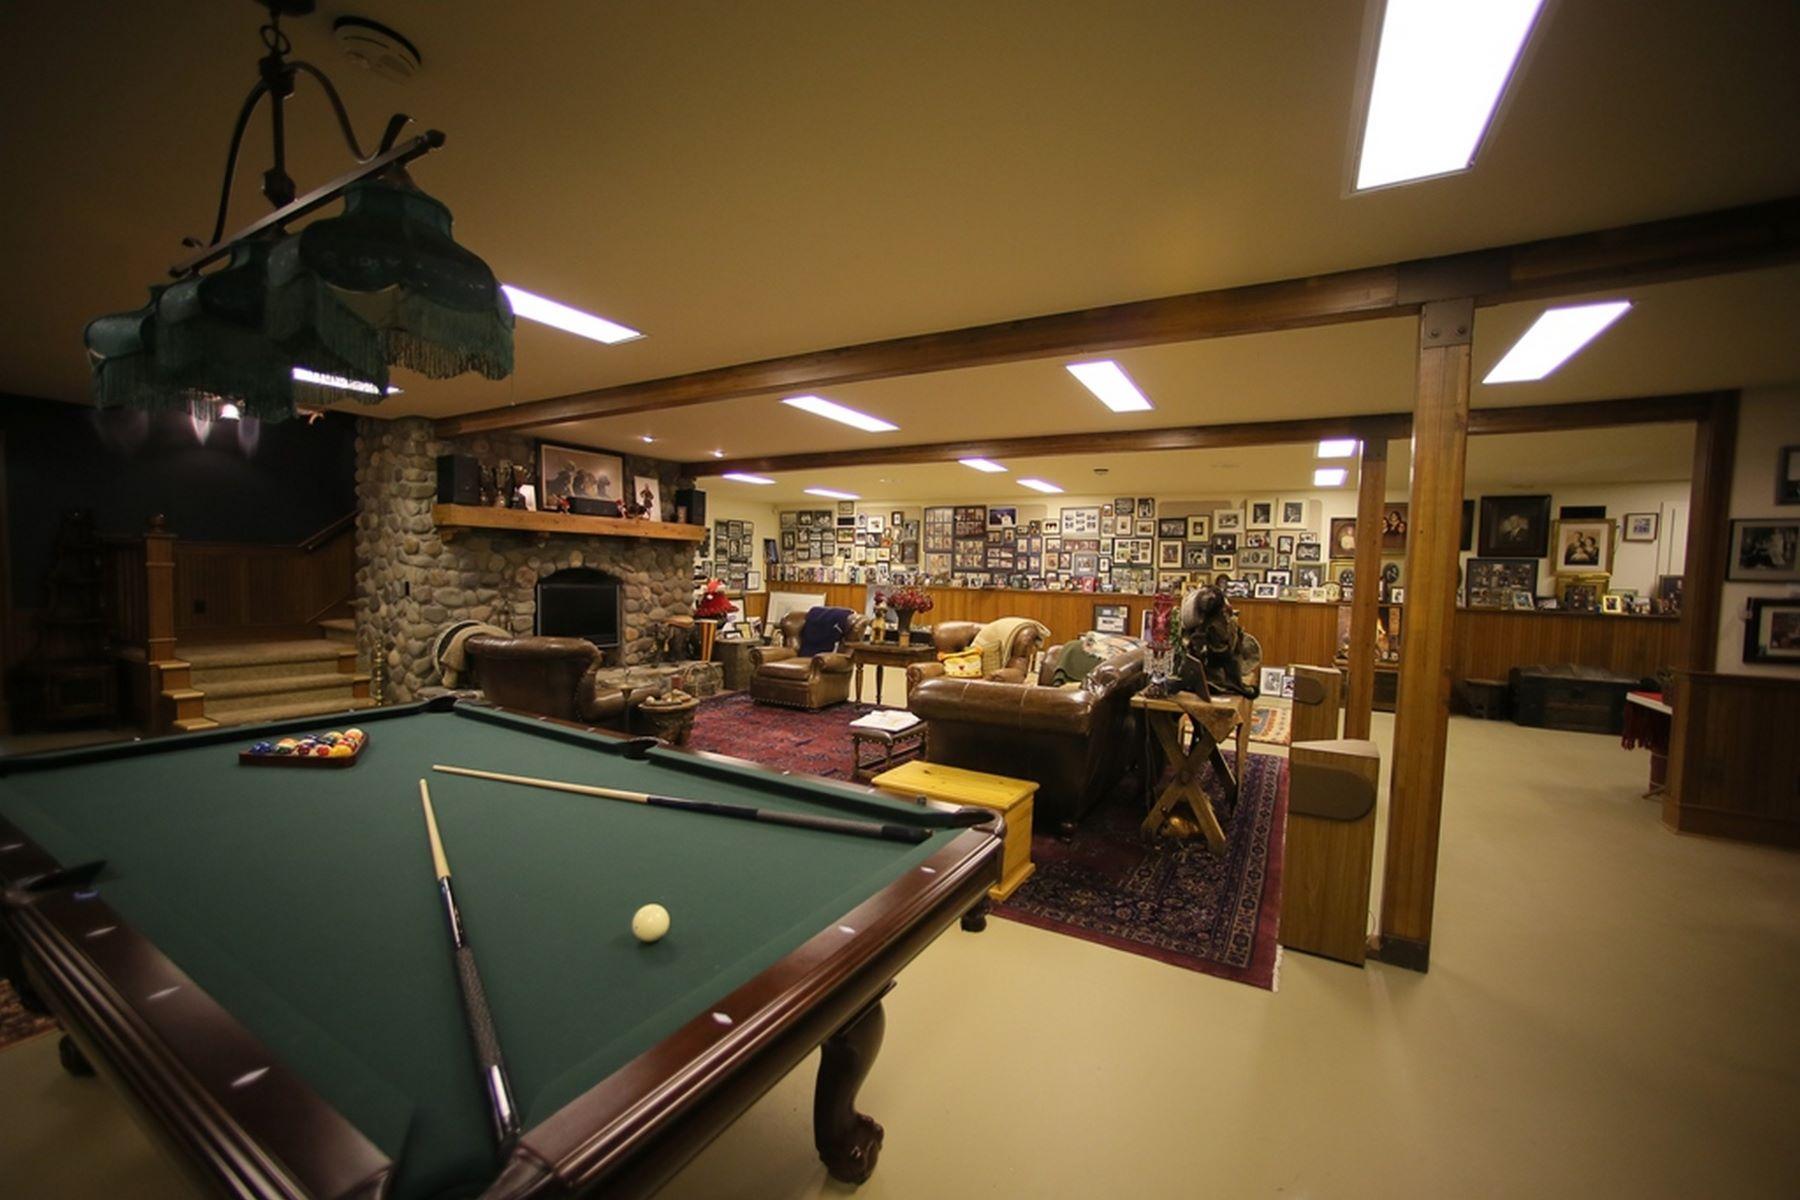 Additional photo for property listing at 7310 Scenic Dr, Yakima 7310 Scenic Dr Yakima, Washington 98908 United States